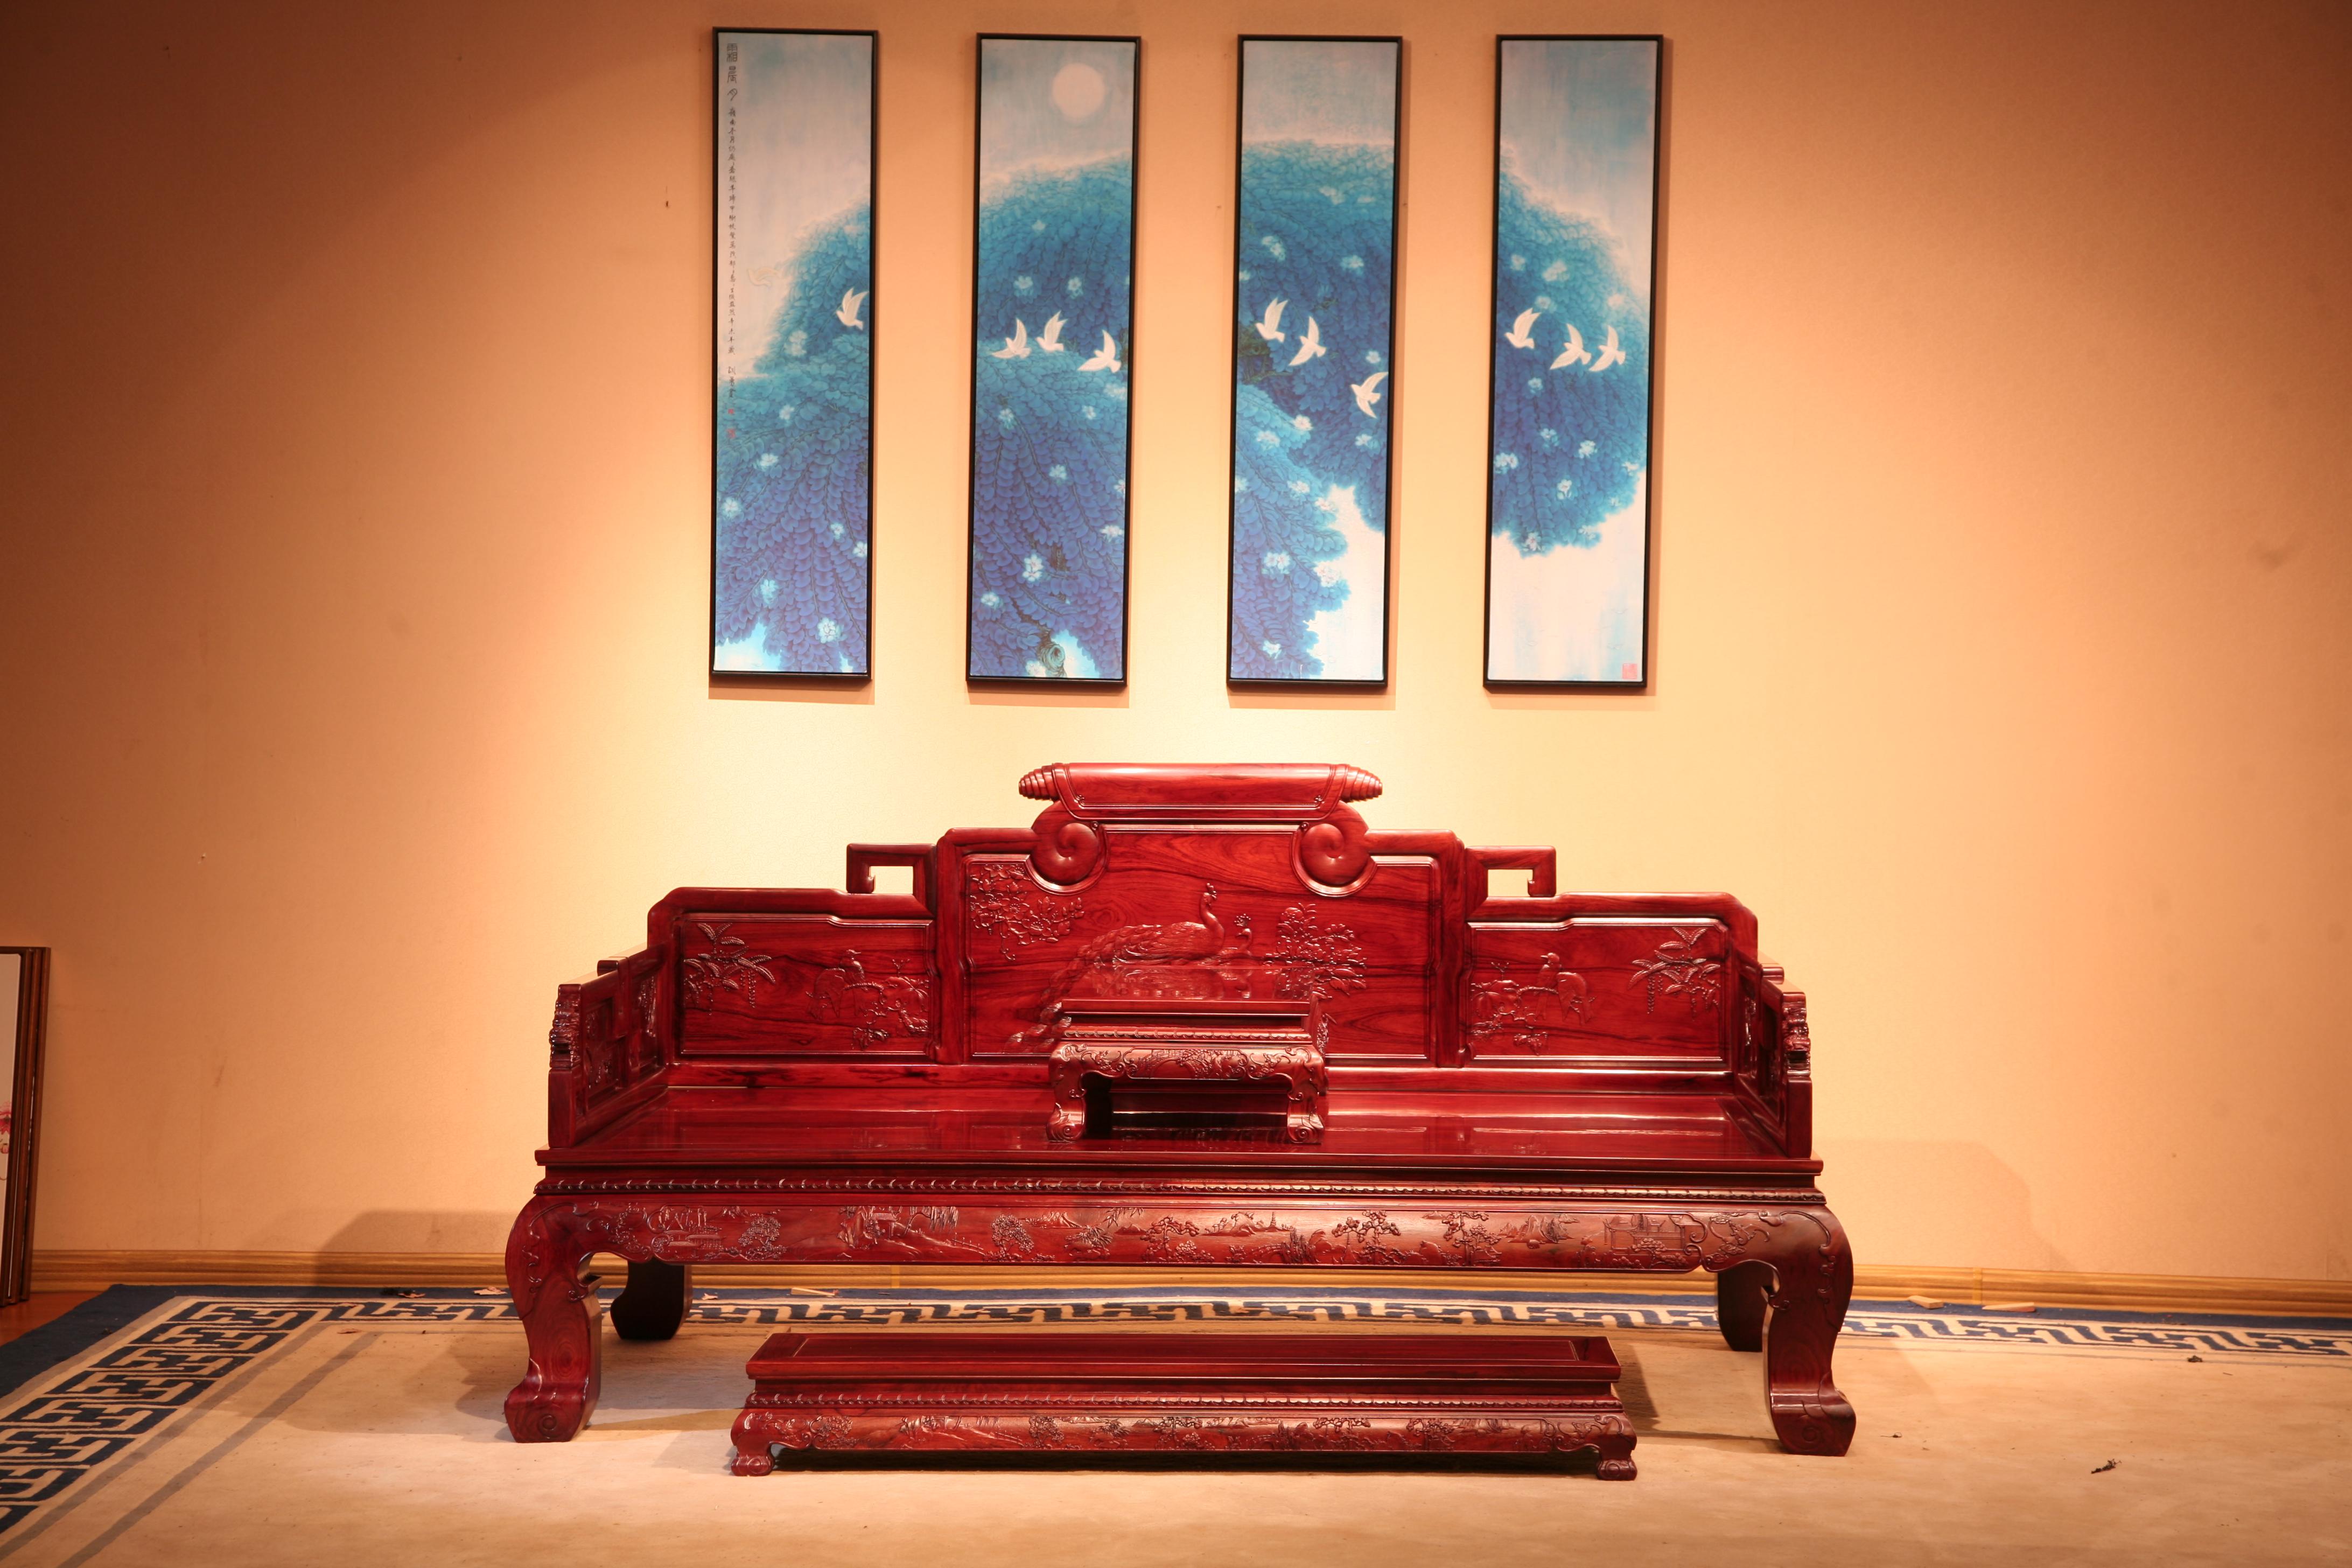 厂家直销红木家具红木罗汉床大红酸枝罗汉床古典中式罗汉床红酸枝罗汉床